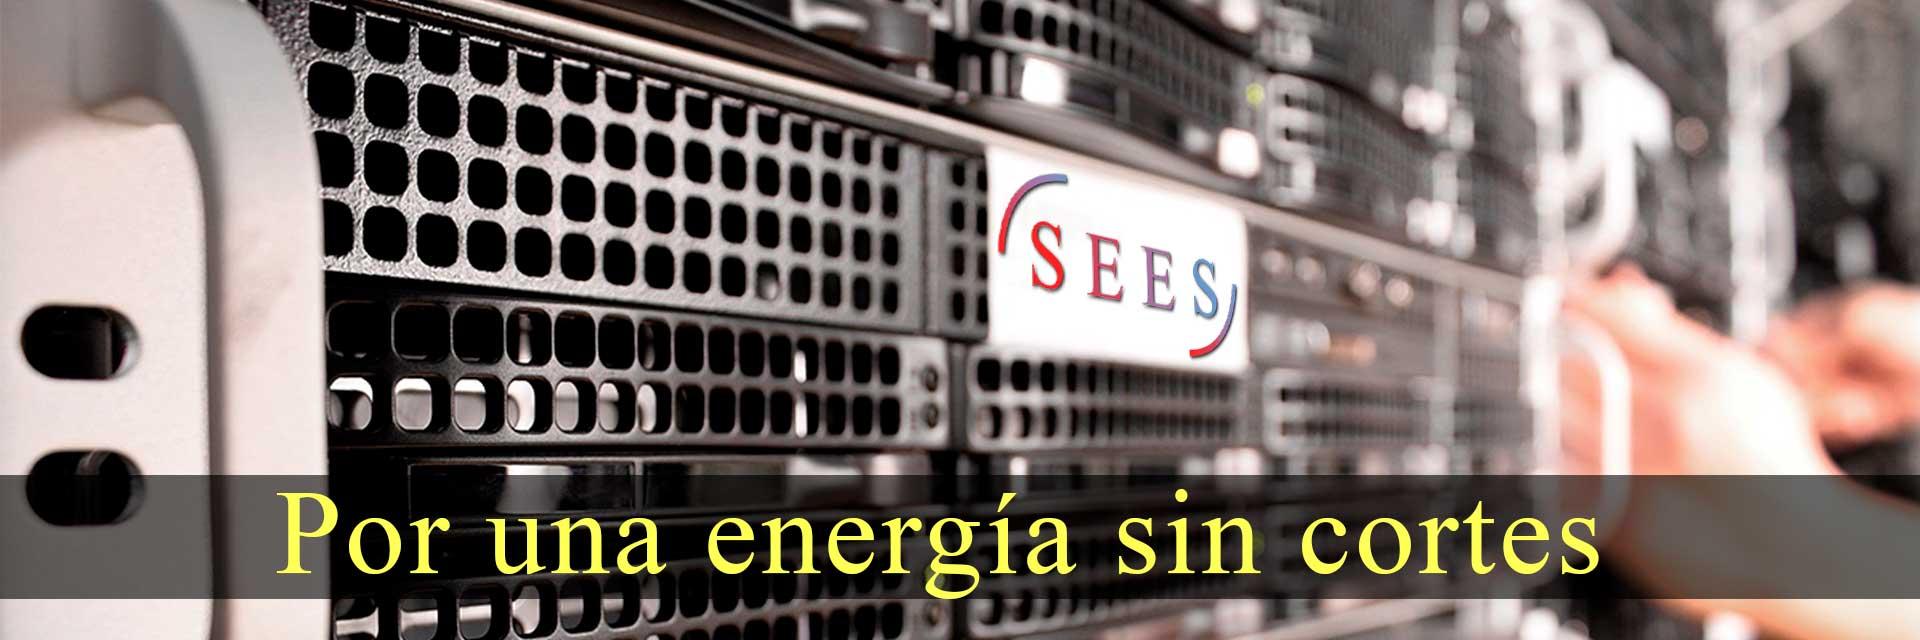 Nuestros productos y sistemas de energía ininterrumpida y de emergencia.